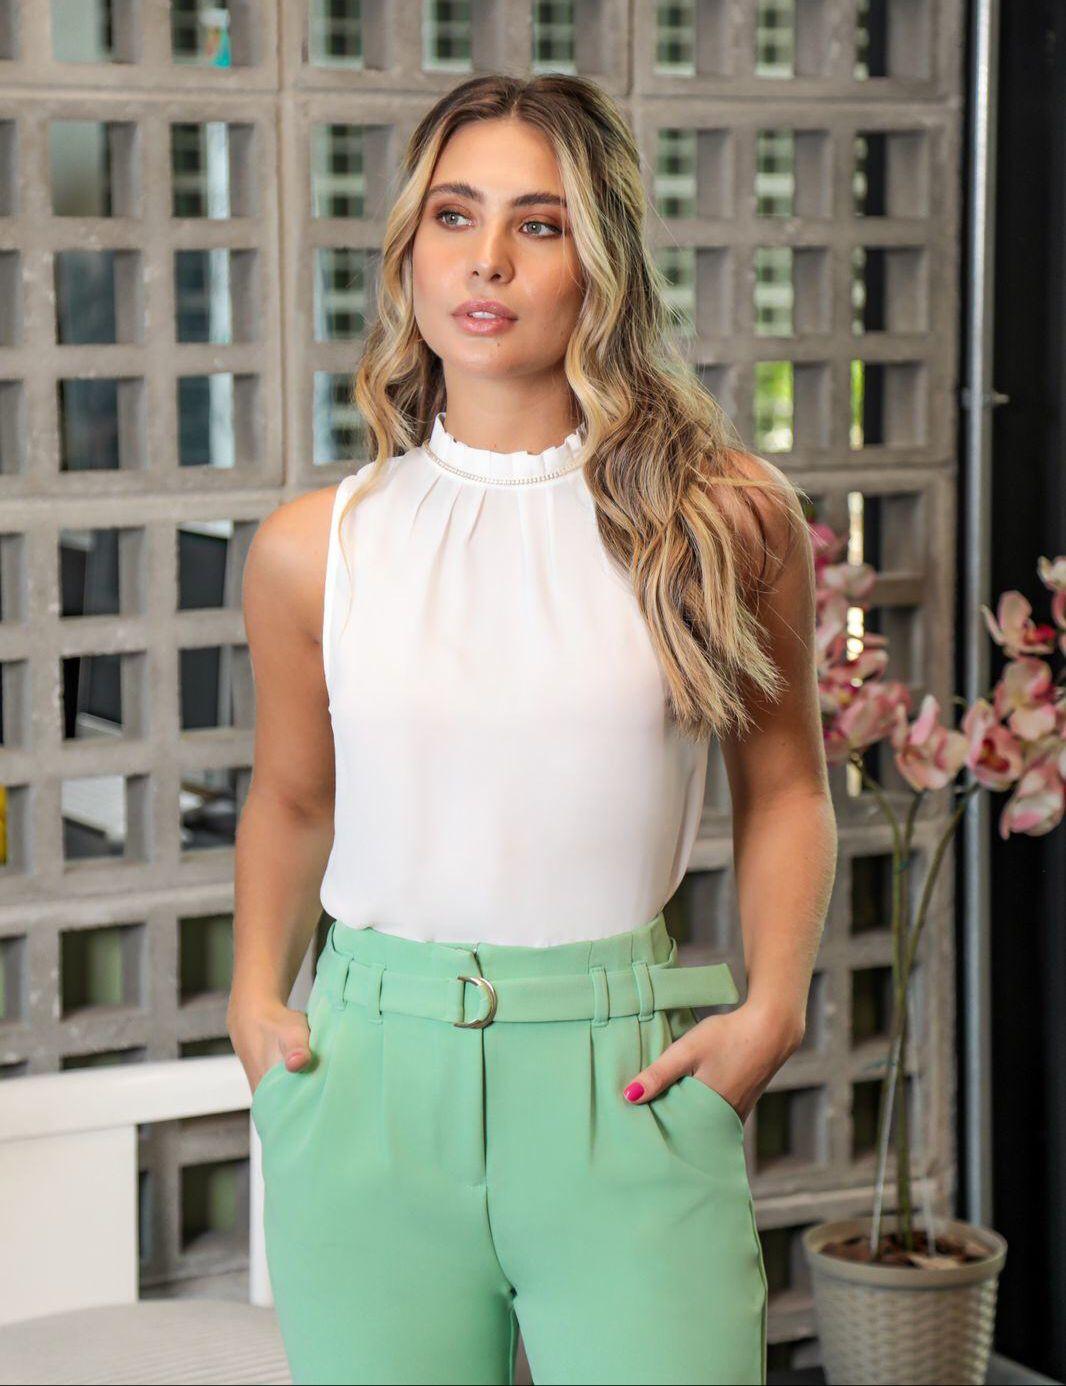 Calça Jessica Carrot Crepe Alfaiataria (Forro) Cintura Alta Detalhe Pregas + Cinto Faixa 5% Elastano